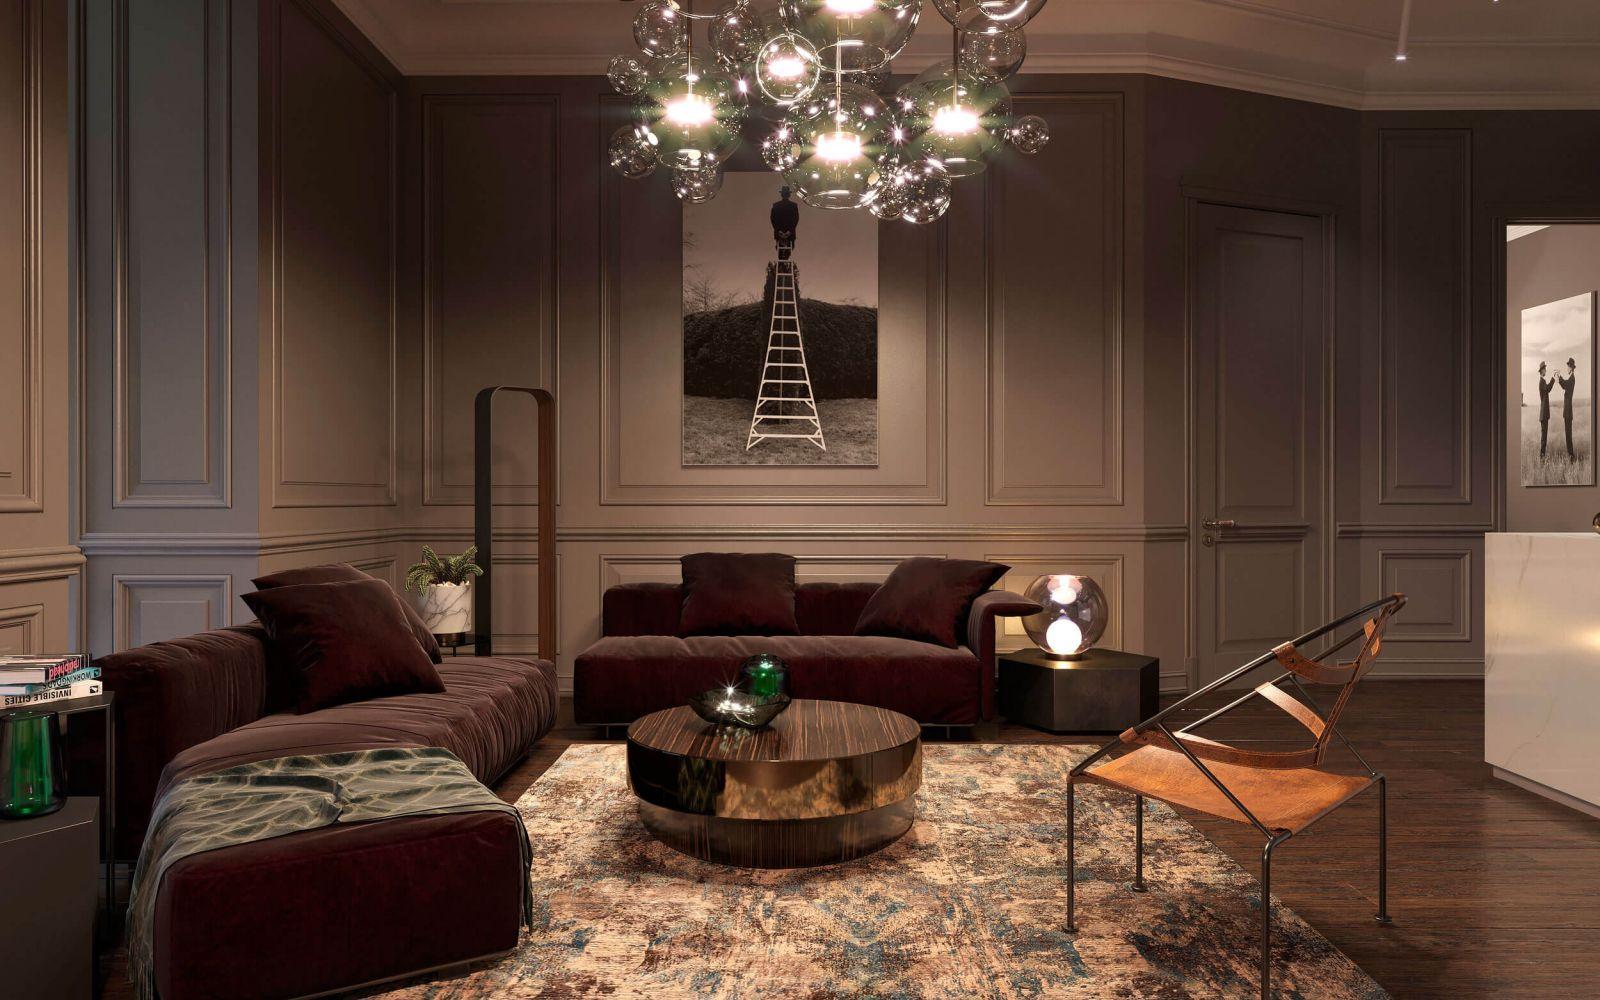 Монохромная цветовая гамма гостиной создает атмосферу камерности, которая разбавлена ярким светом льющемся сквозь высокие окна эркера